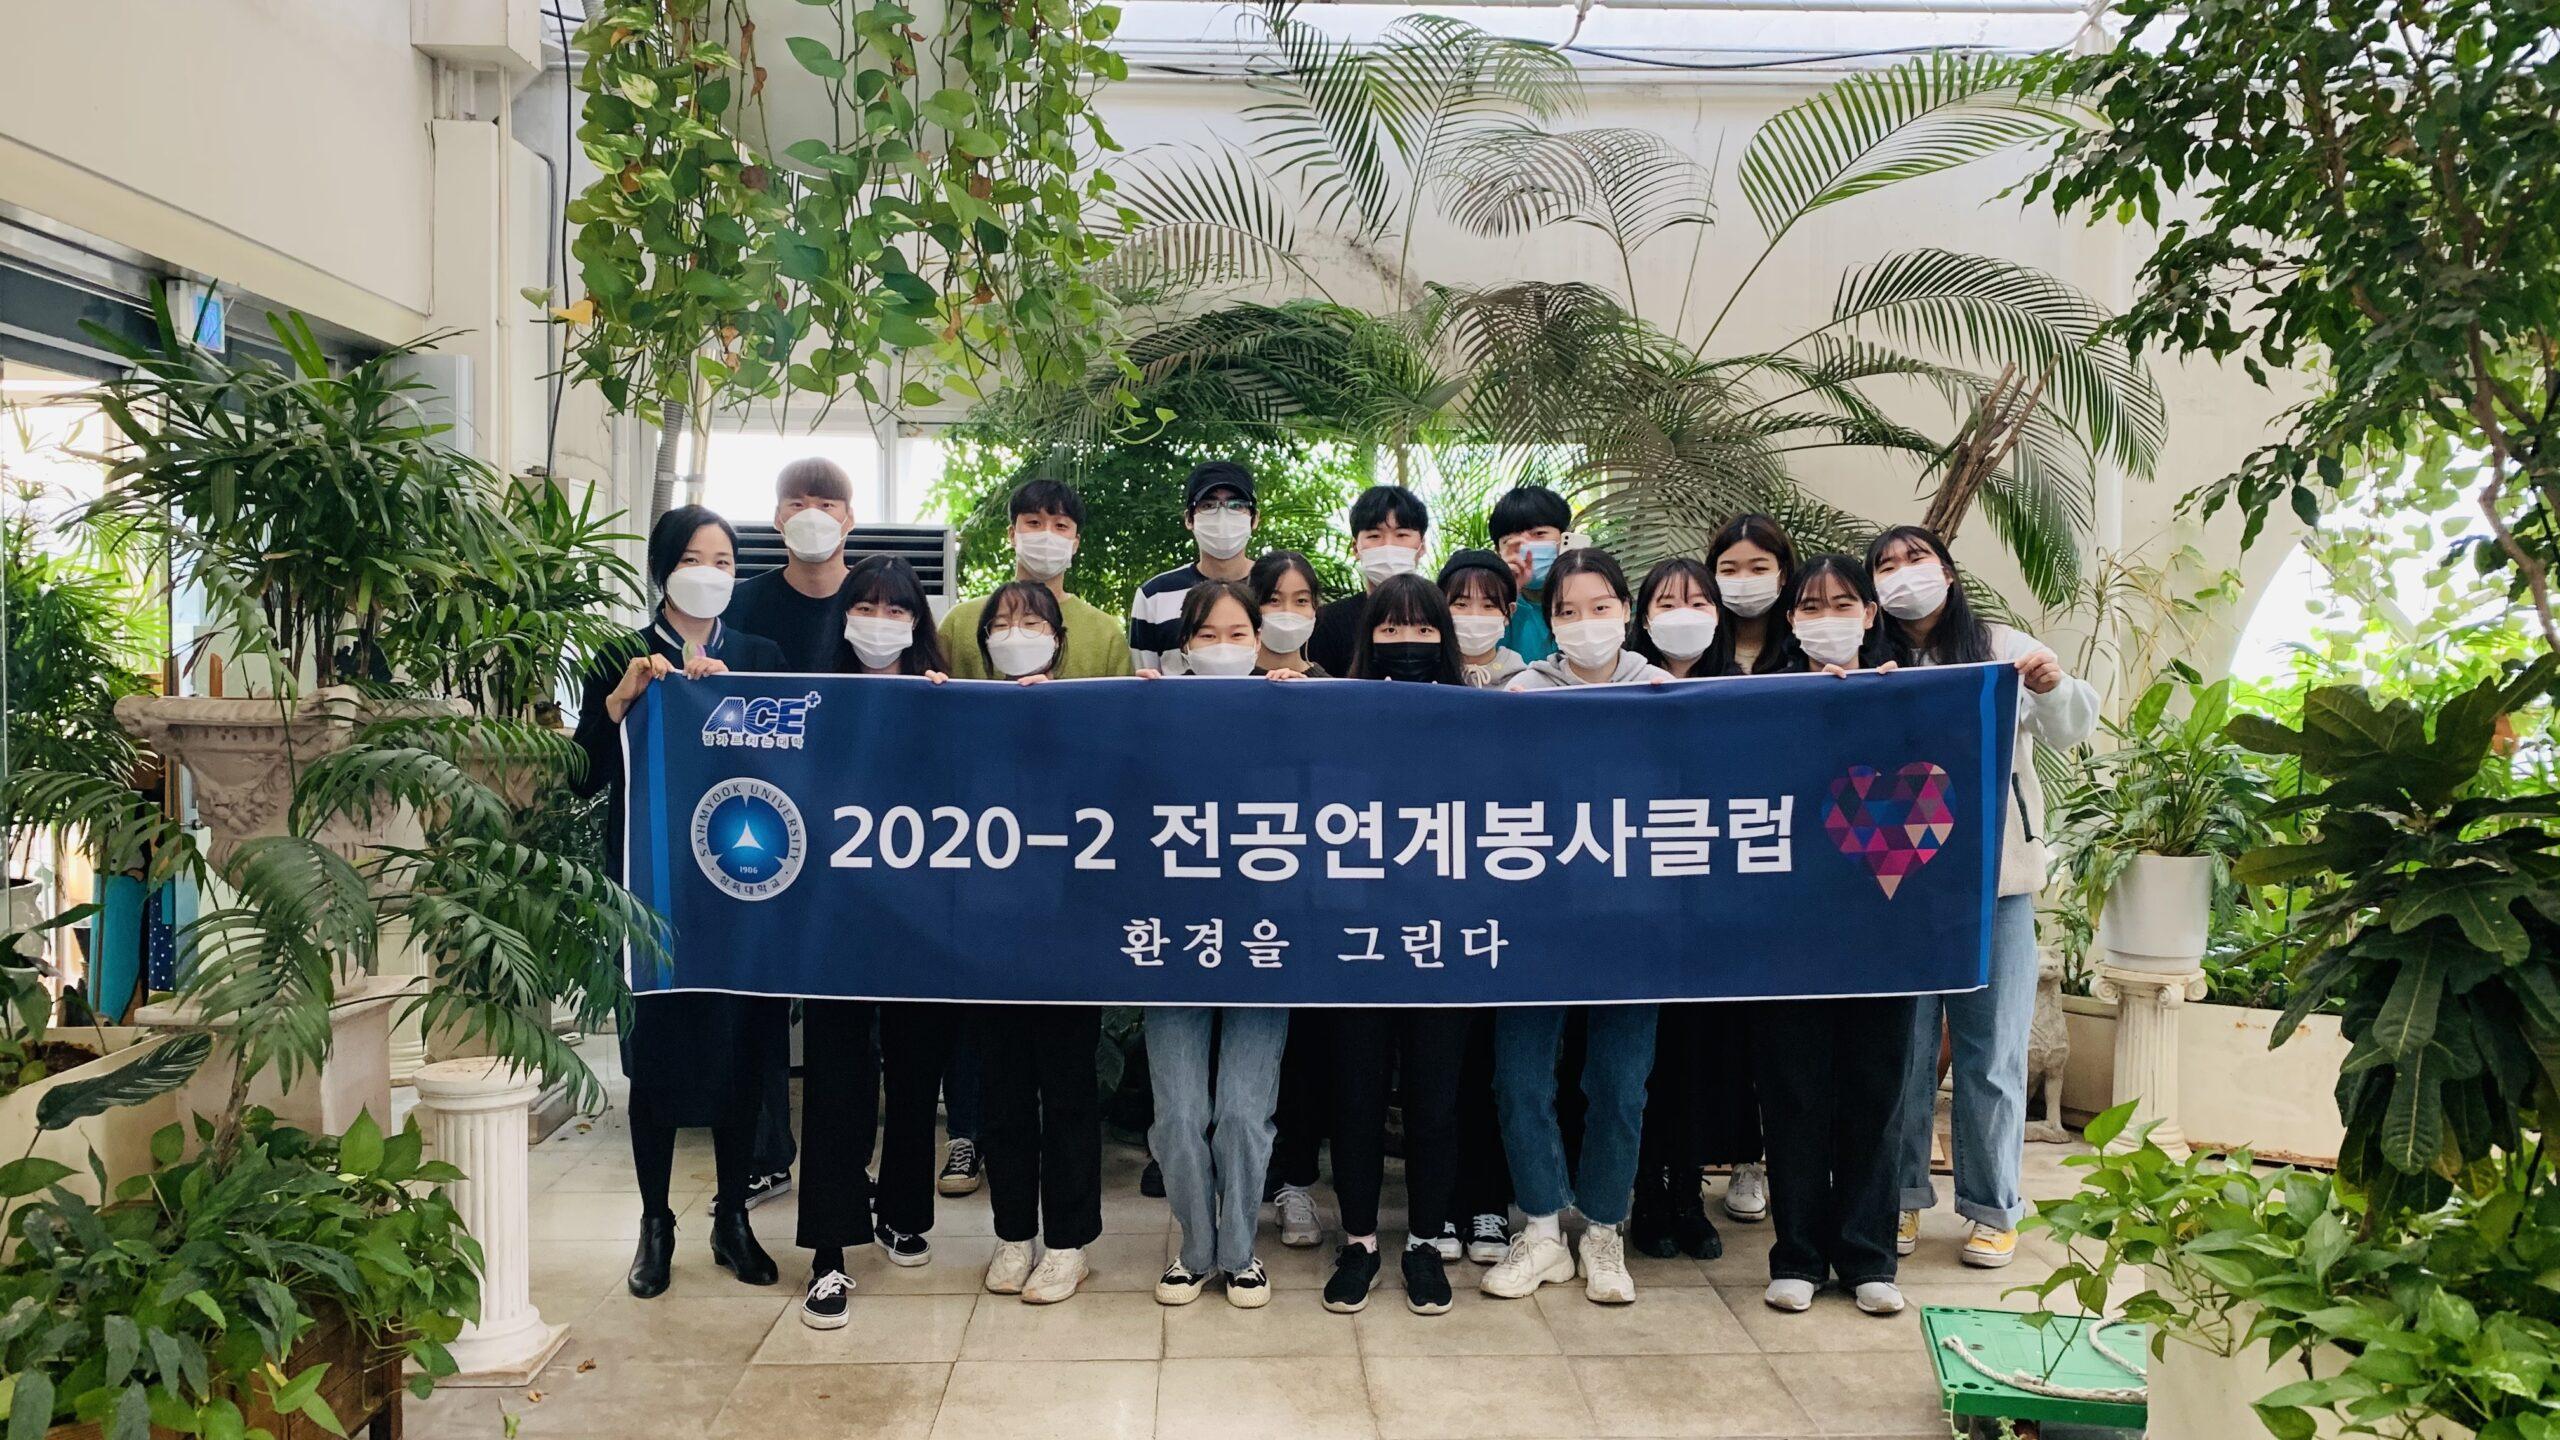 2020-2 전공연계봉사클럽 [환경을 그린다] 활동사진